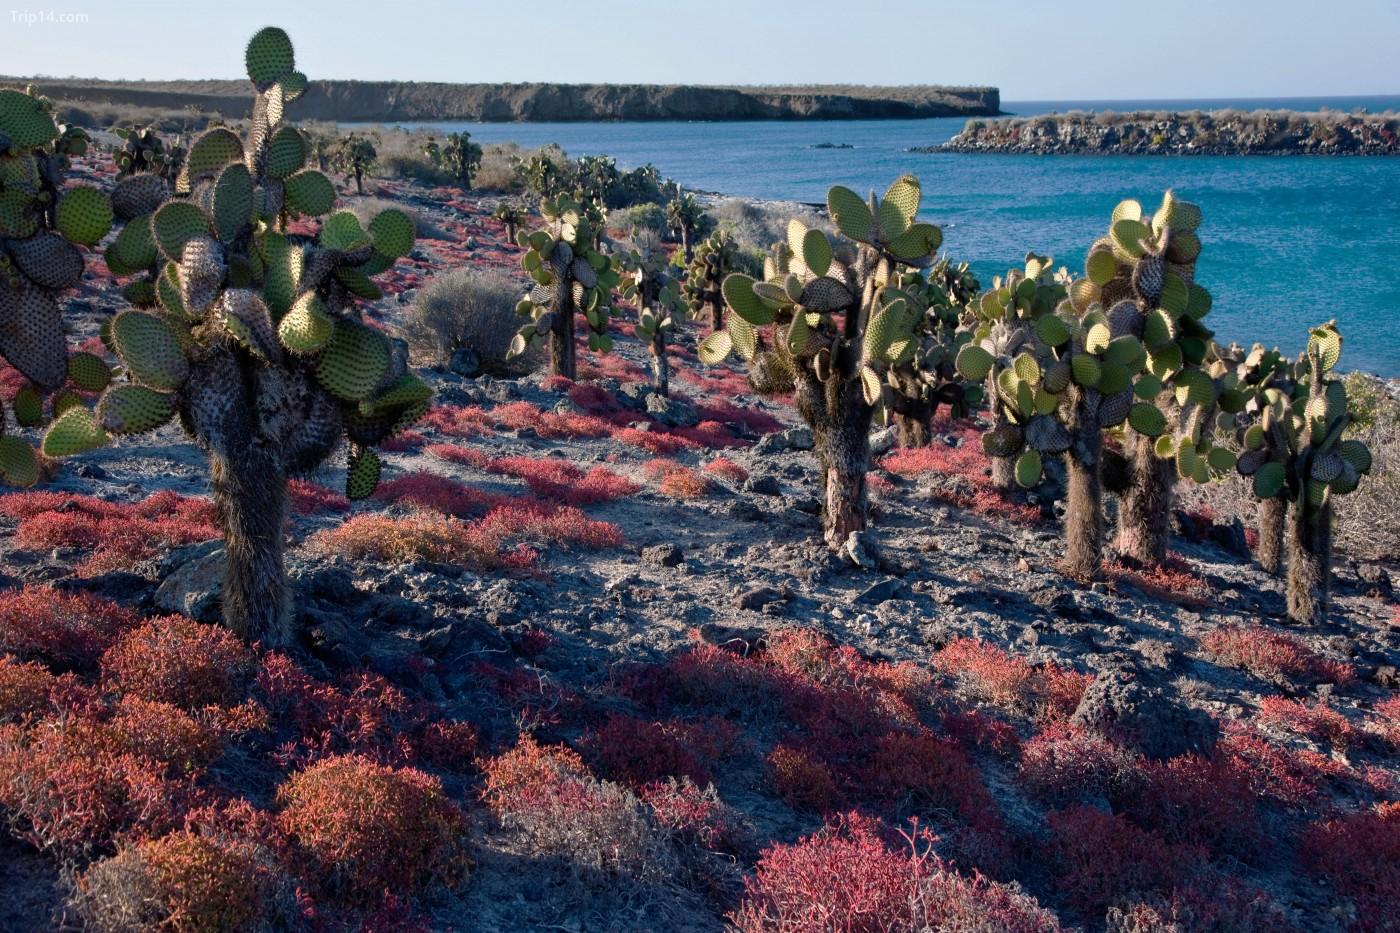 Quần đảo Galápagos nổi tiếng với động vật, thực vật và sinh vật biển độc đáo | © John Warburton-Lee Nhiếp ảnh / Alamy Kho ảnh